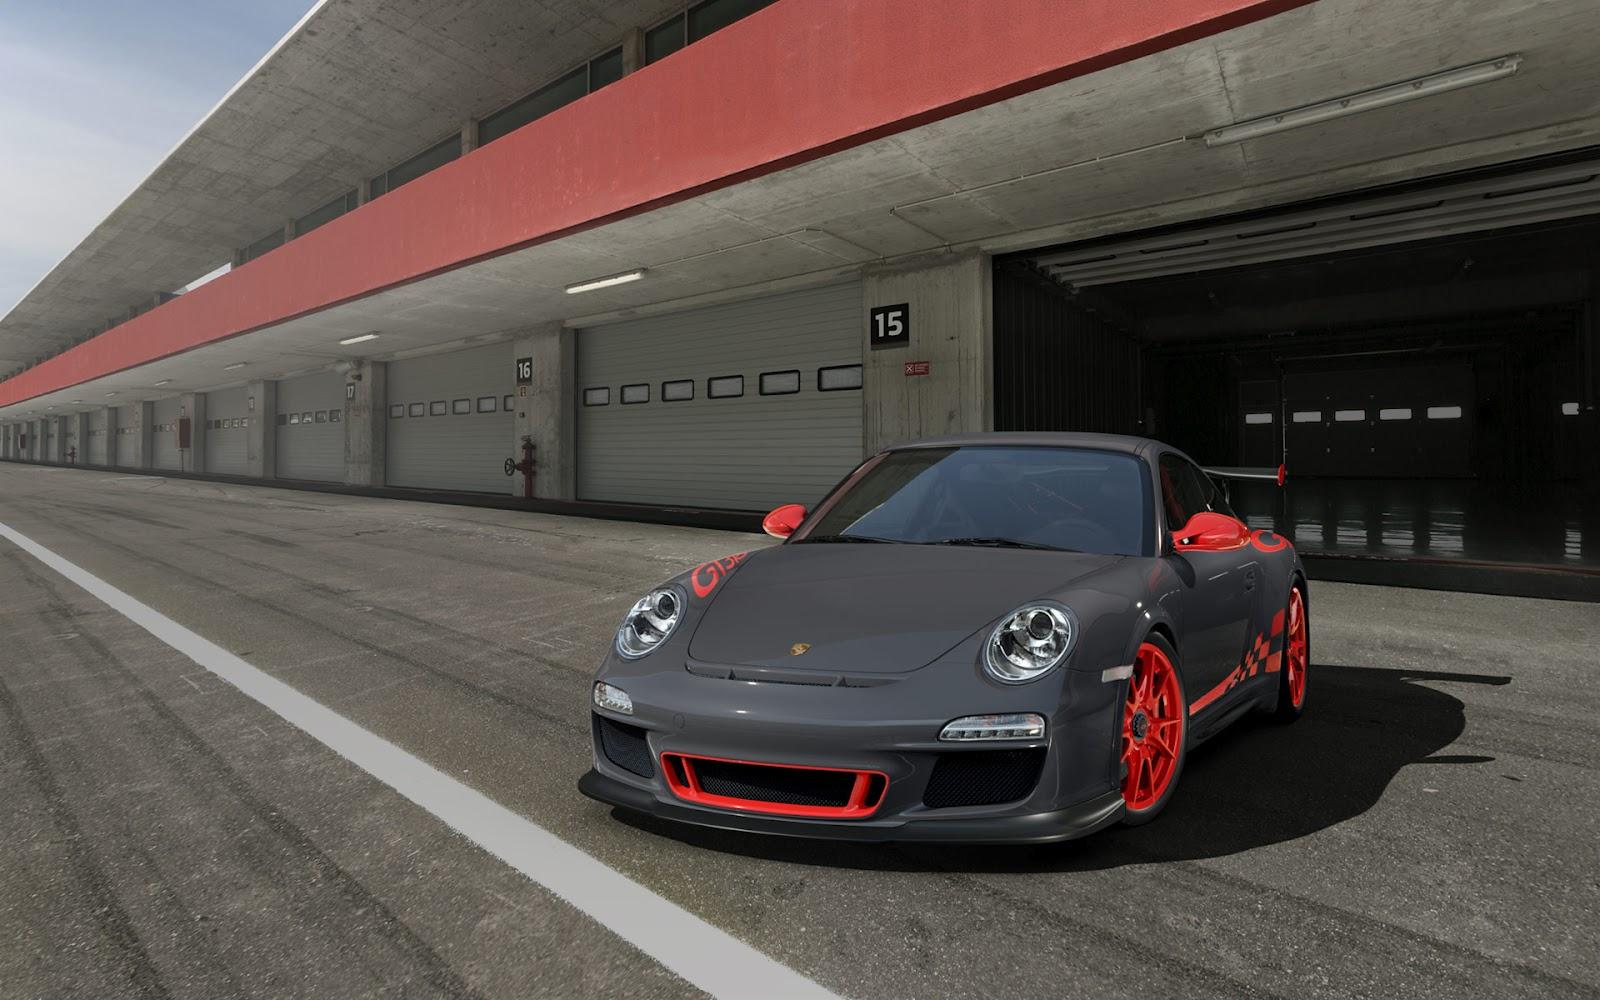 http://2.bp.blogspot.com/-PlQgYRM8vOo/T45uvMr6q_I/AAAAAAAADks/OKY3Fg740nk/s1600/porsche+cars+hd+wallpapers+2.jpg